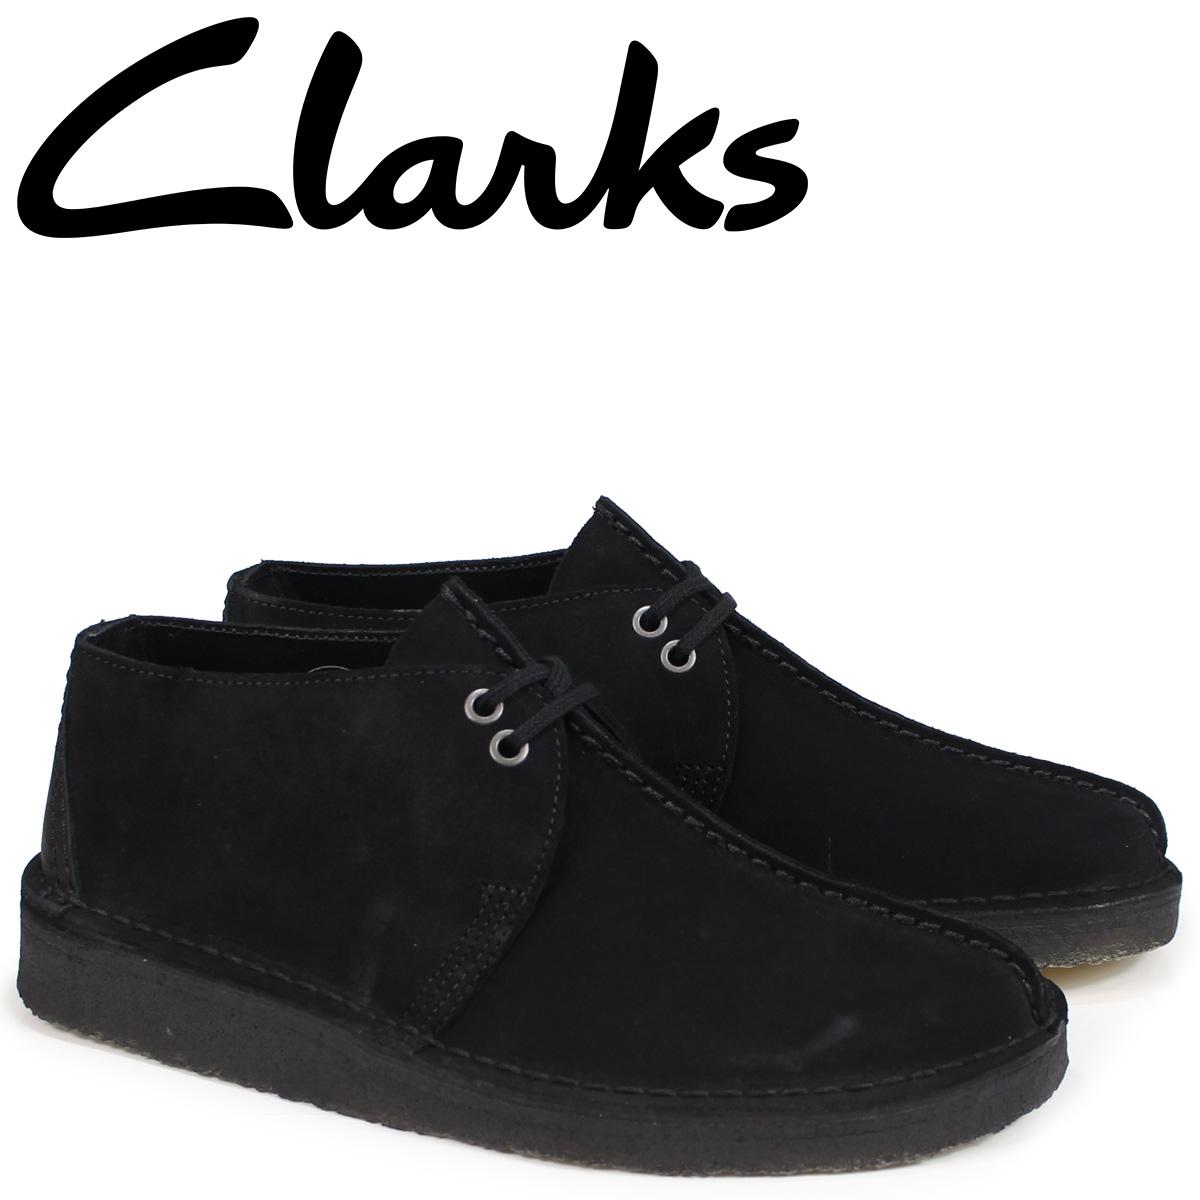 【最大2000円OFFクーポン】 クラークス Clarks デザートトレック ブーツ メンズ DESERT TREK 26138667 ブラック